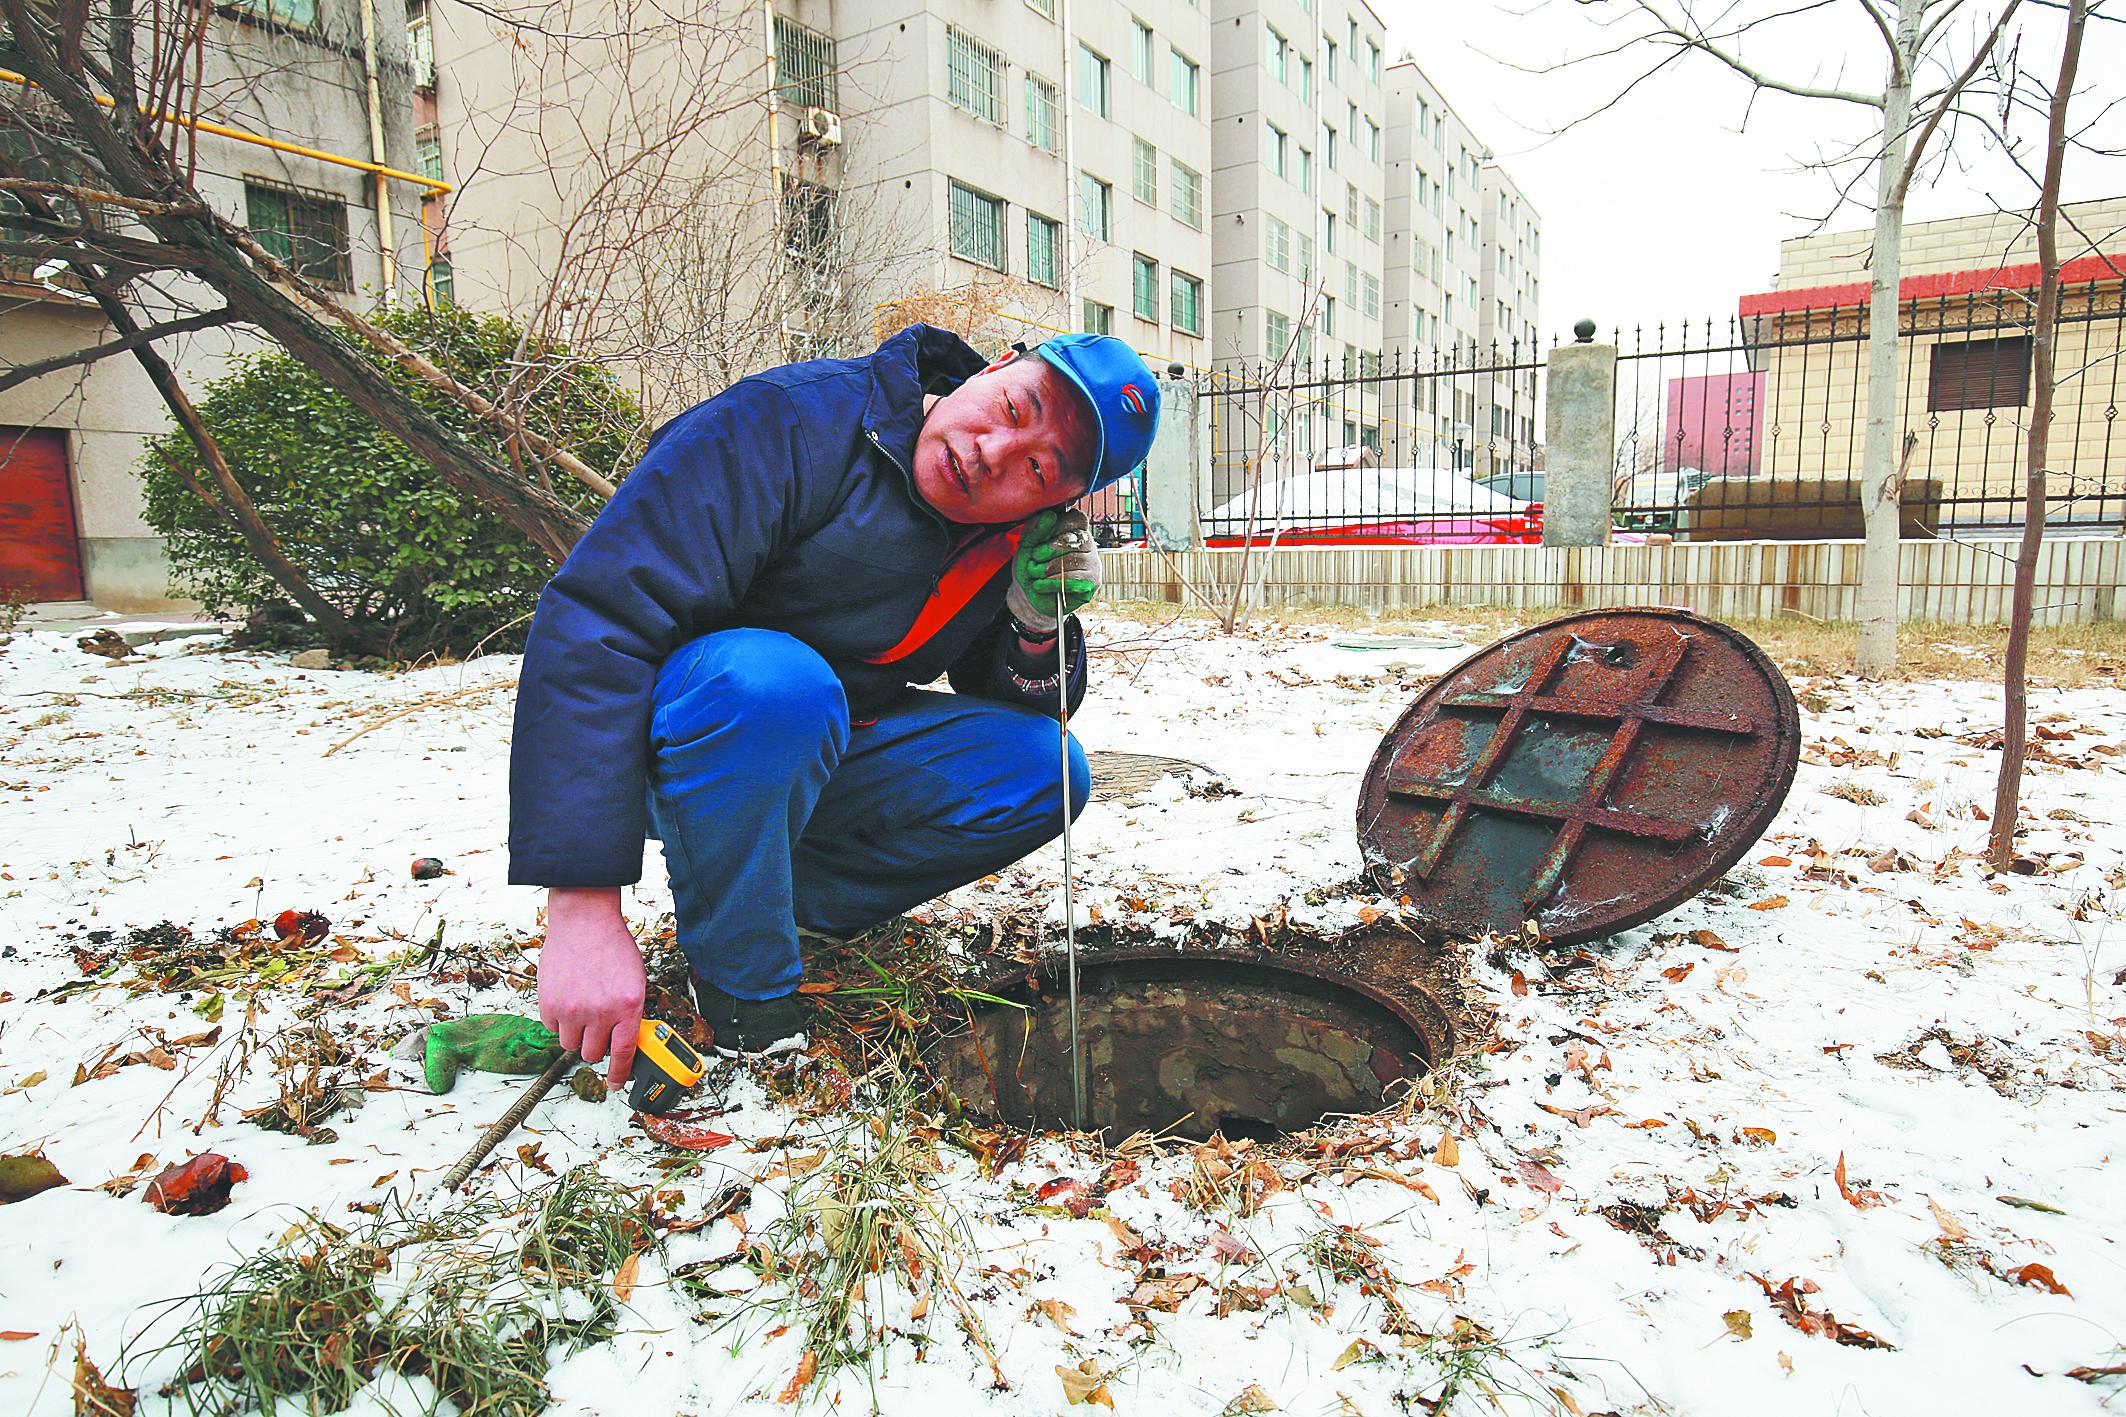 淄博热力工作者:寒夜巡线 守护居民家中温暖